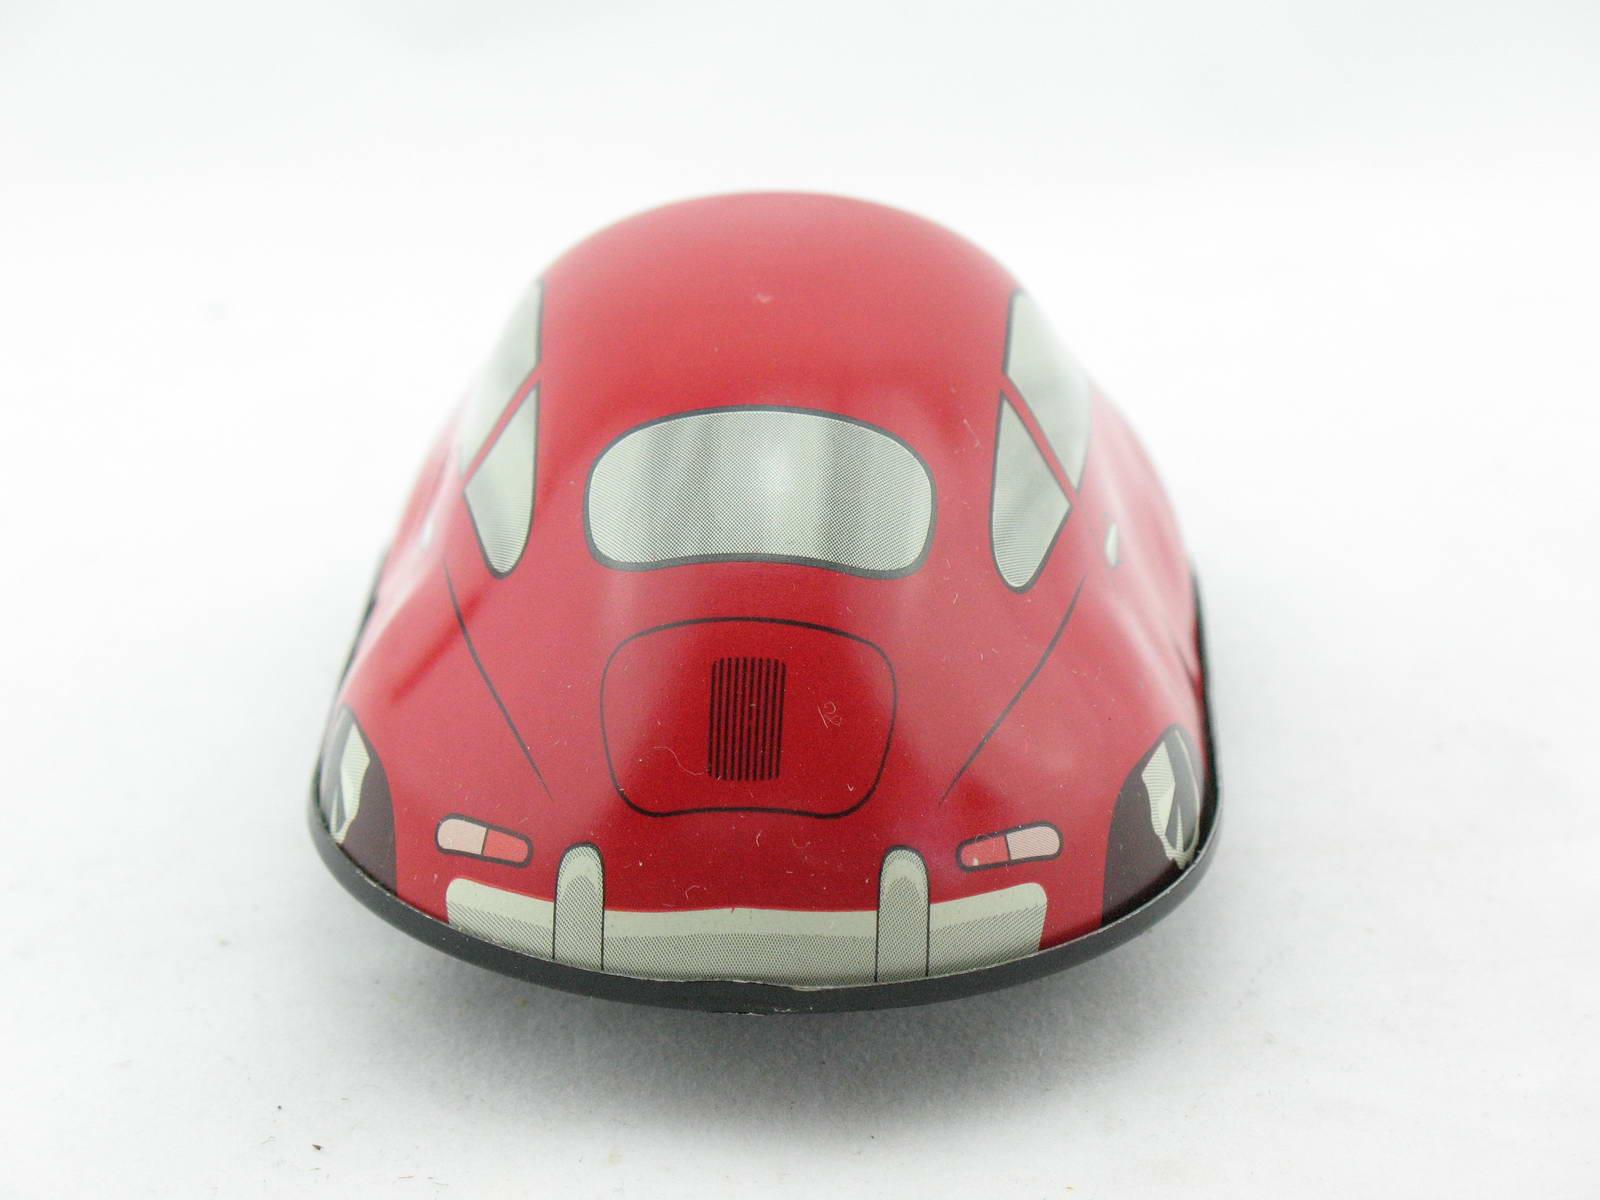 Wendeauto Porsche 356 Sondermodell rot von KOVAP 0563-r Blechspielzeug